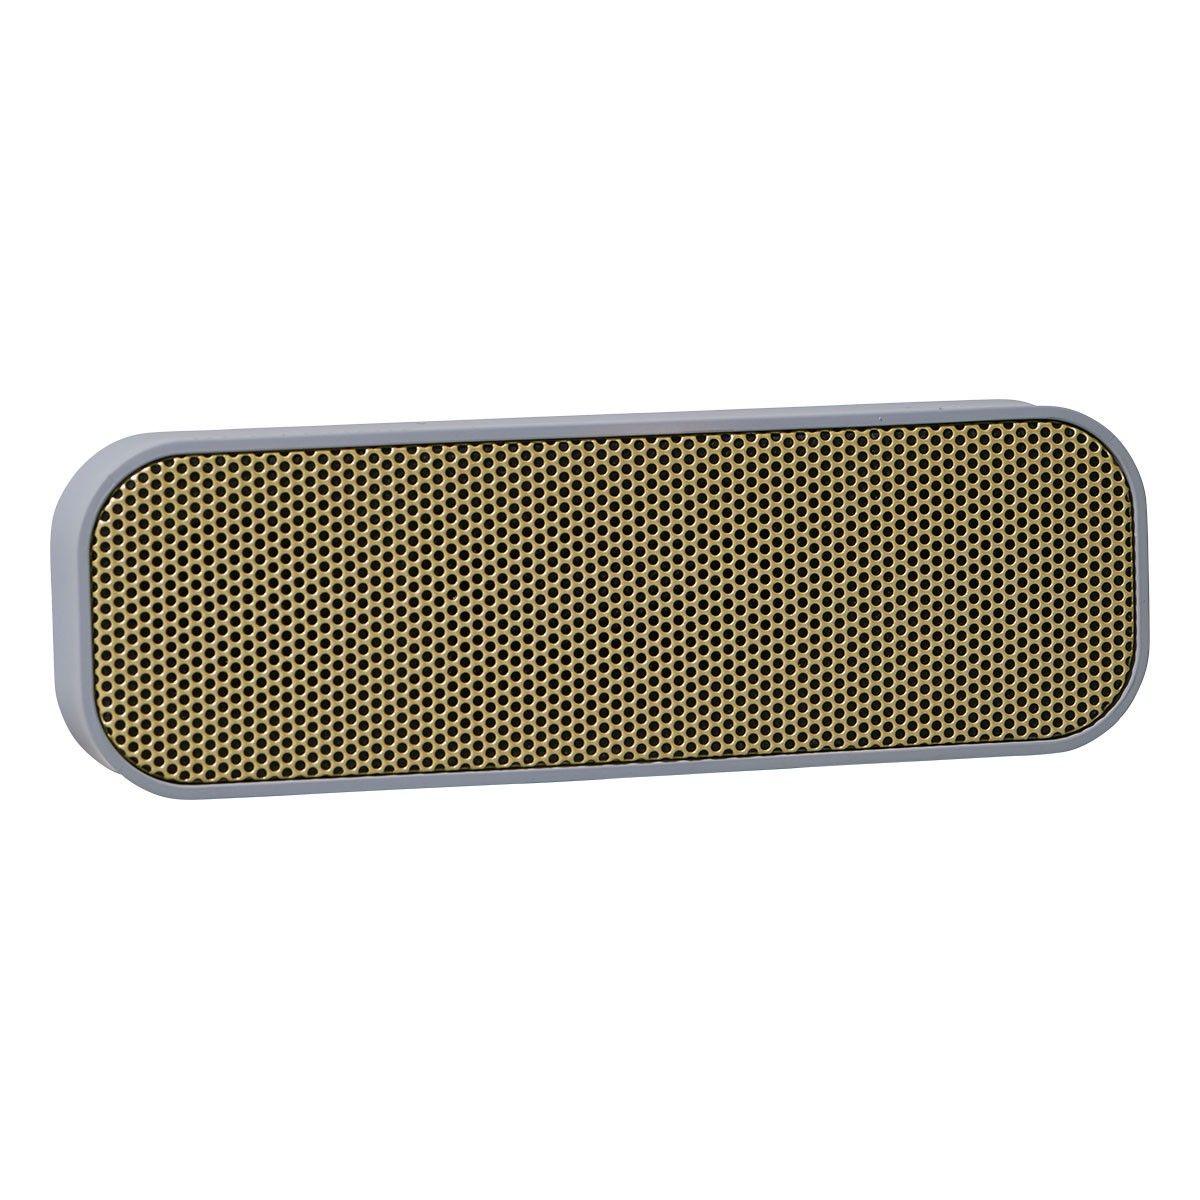 aGROOVE, KreaFunk, Grå med mässingsfront, BT speaker, bluetooth 3.0, 20x2.8 cm, h.: 6.4 cm, inkl. trälåda